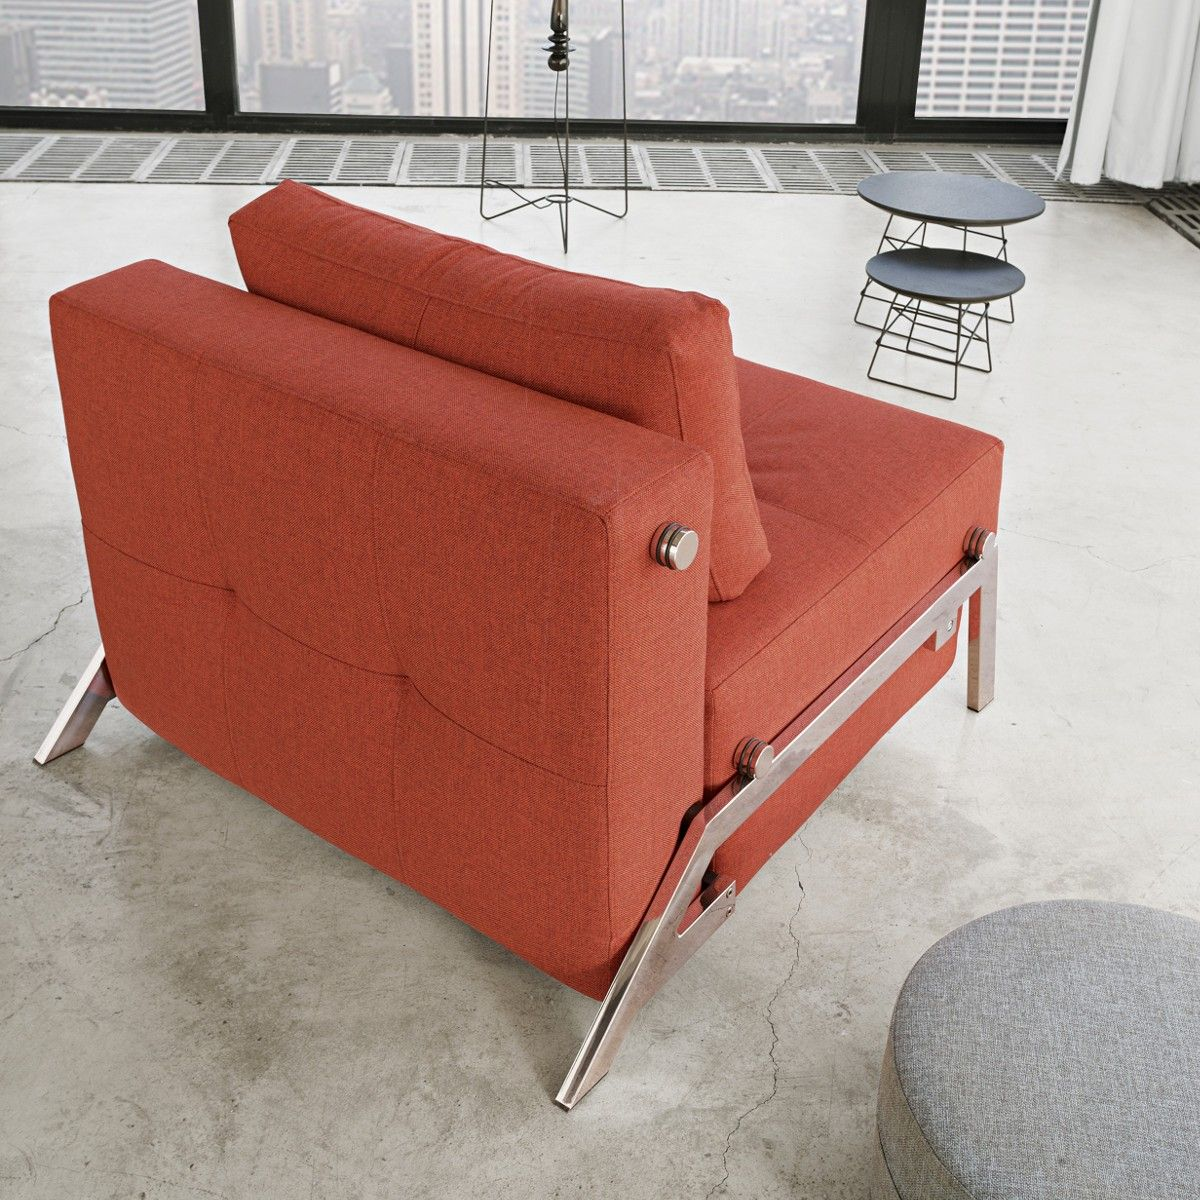 Poltrona Trasformabile Letto Singolo.Poltrona Letto Cubed Trasformabile Letto Singolo Design Moderno